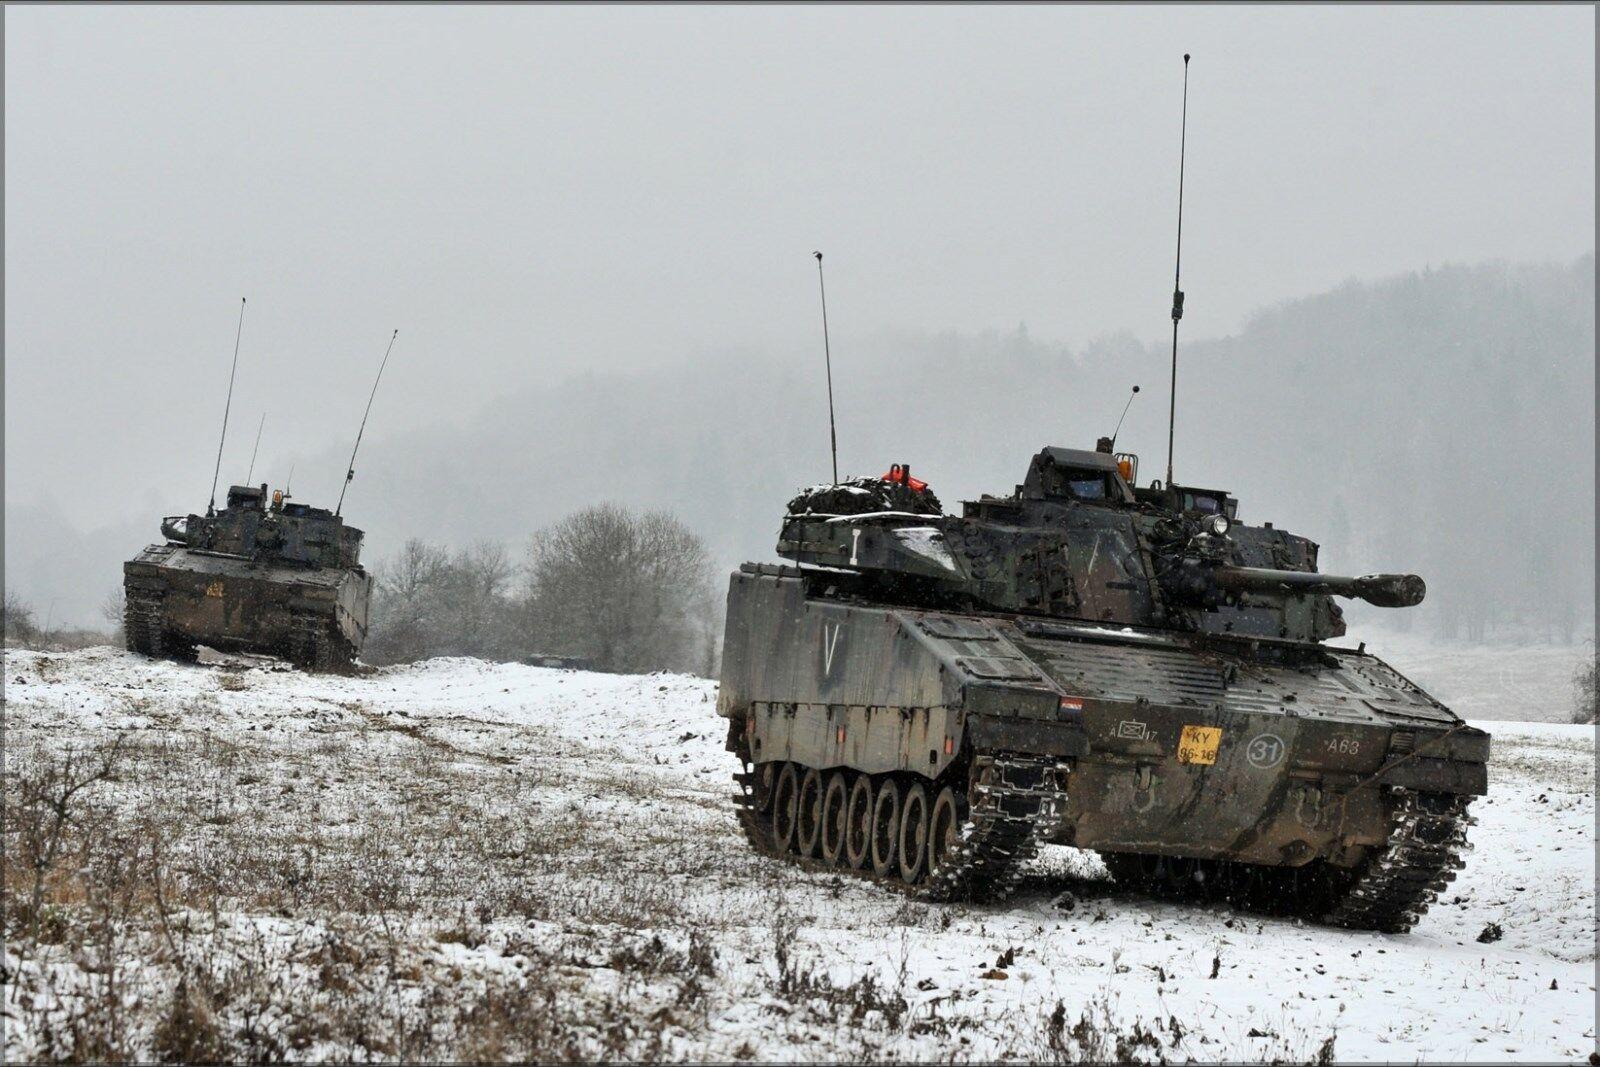 Poster, Many Größes; Two Dutch Cv 90 Combat Vehicle Tank